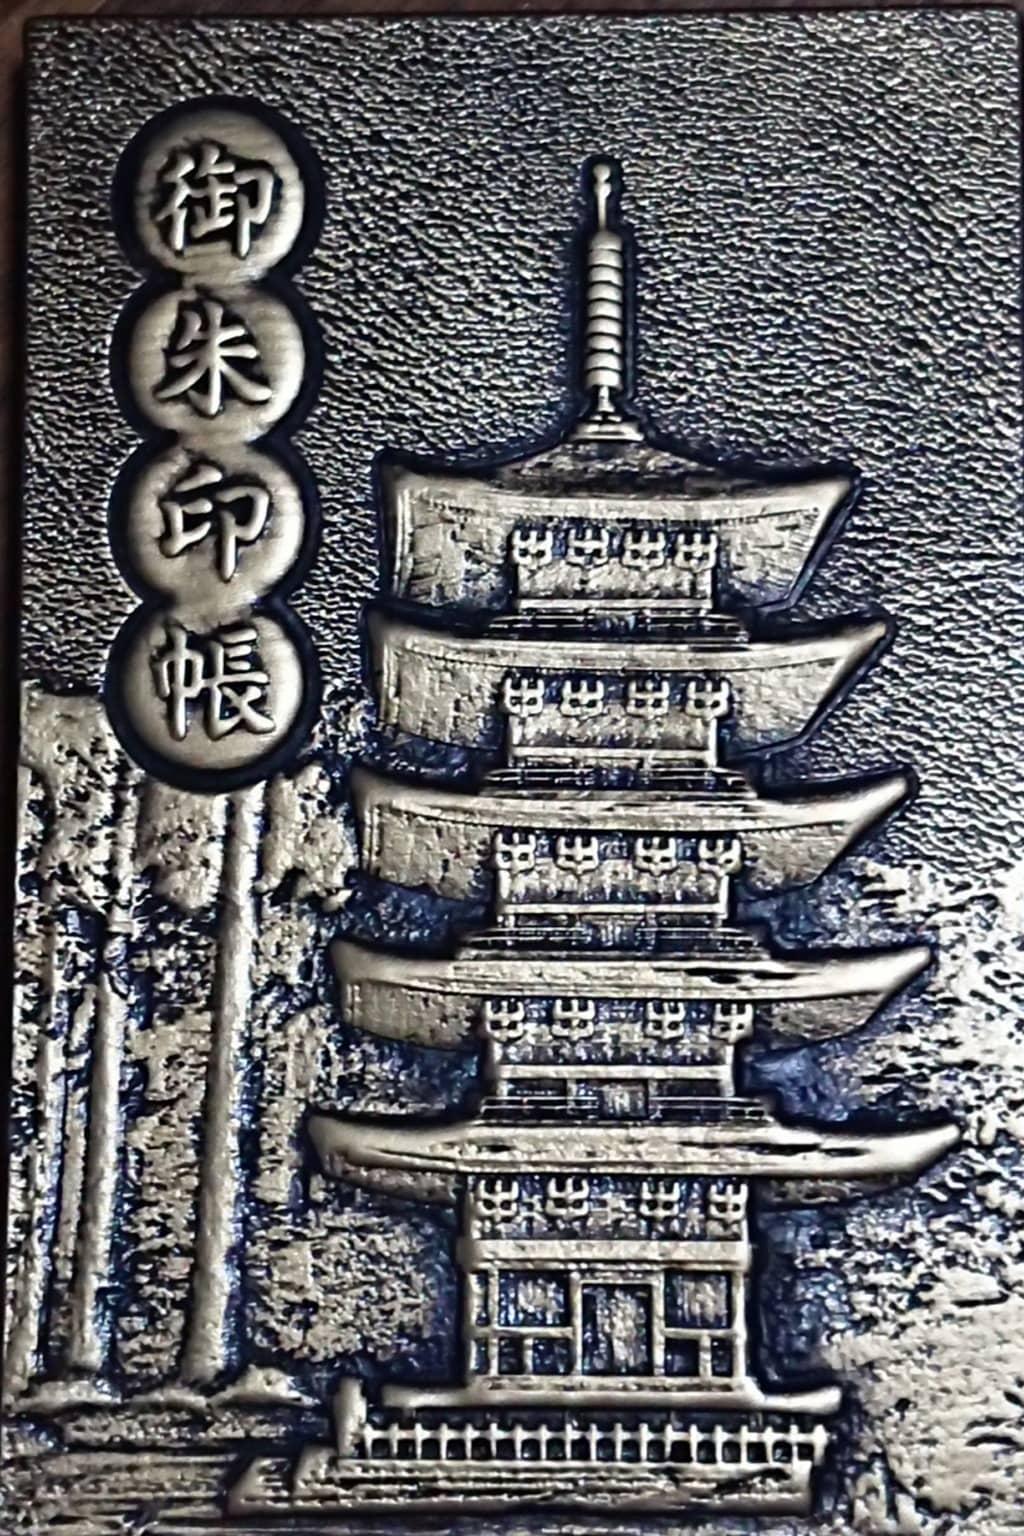 出羽三山神社  羽黒山三神合祭殿の御朱印帳